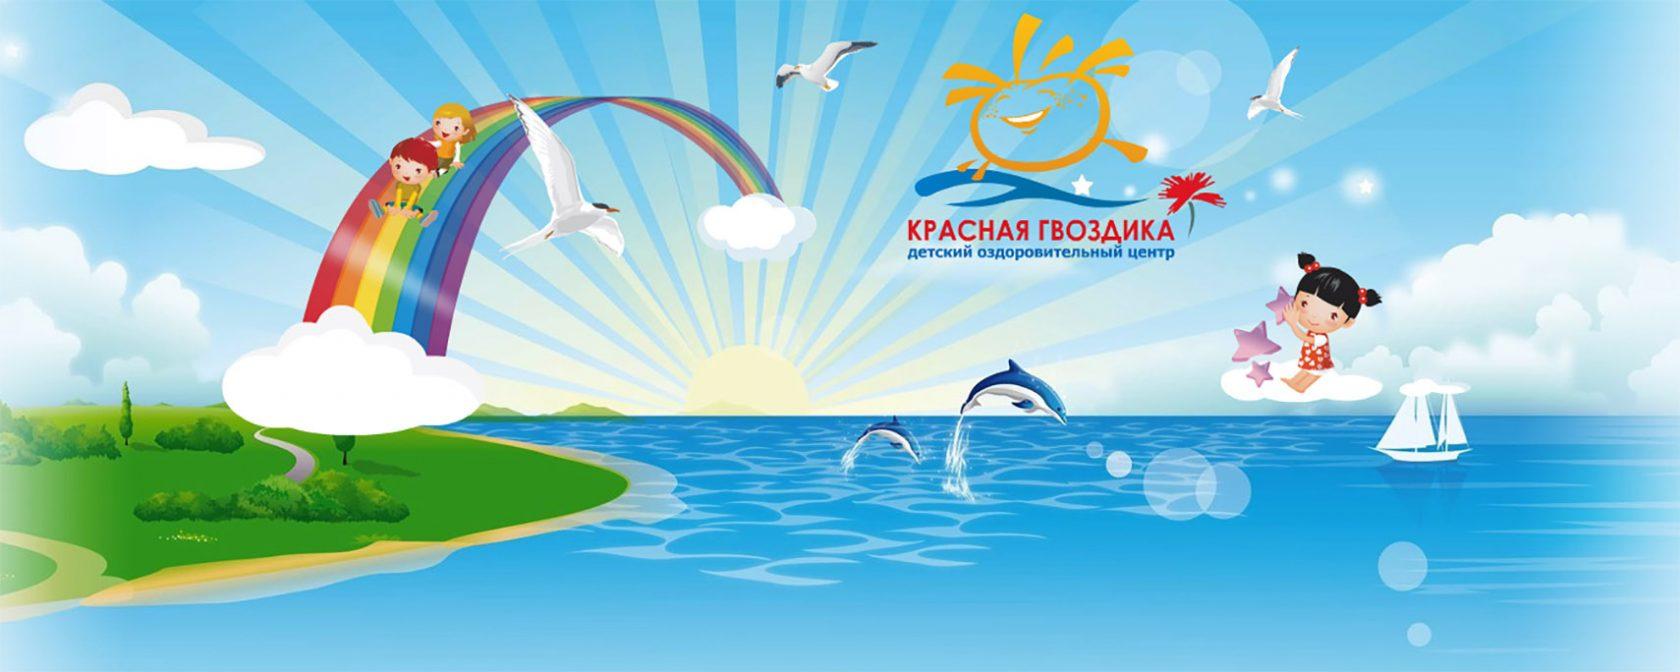 Центр Красная Гвоздика Бердянск